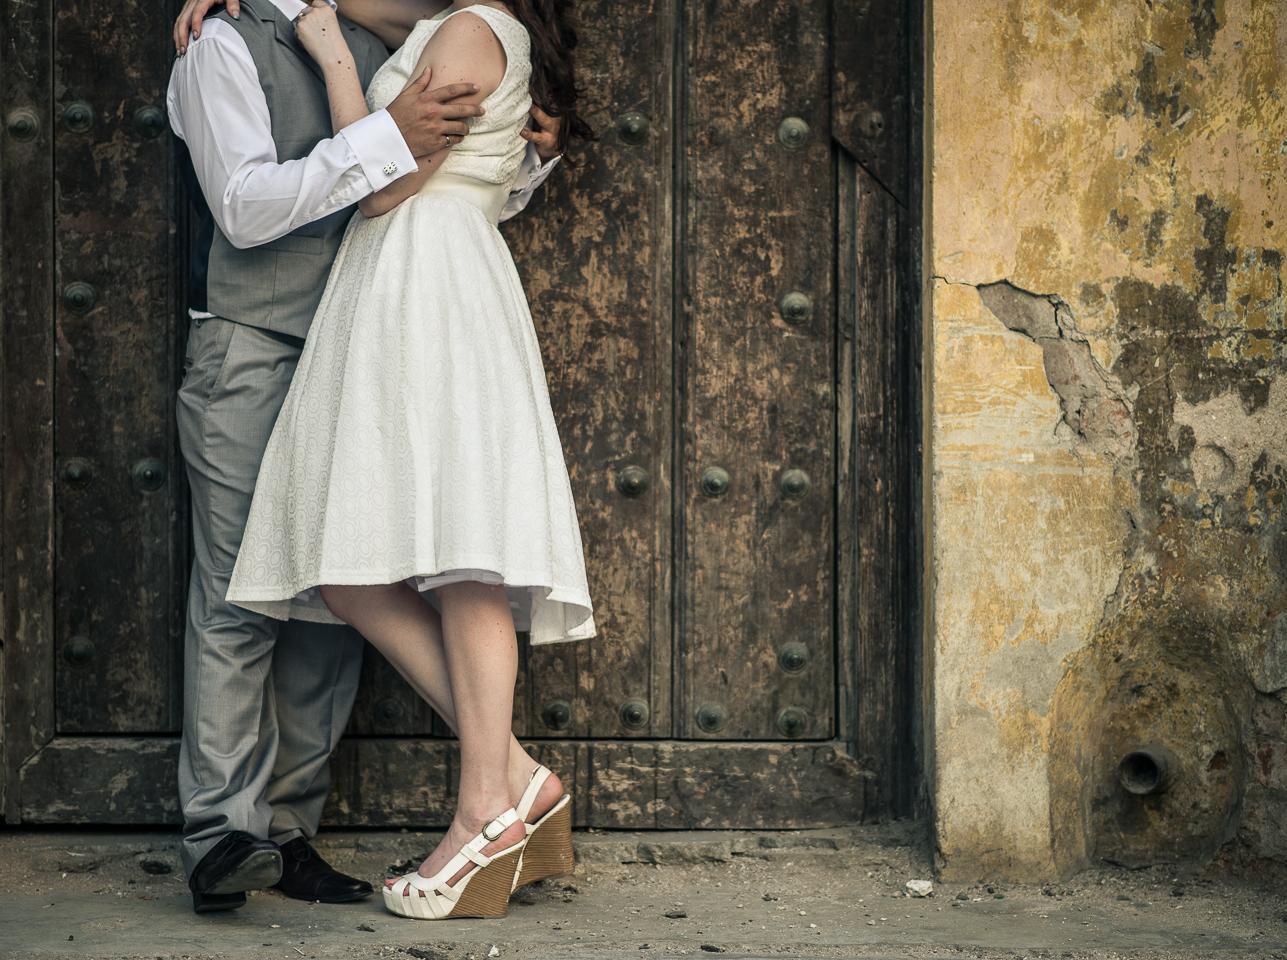 bodas-estilo-libre-carnaval-cuba-12781.jpg